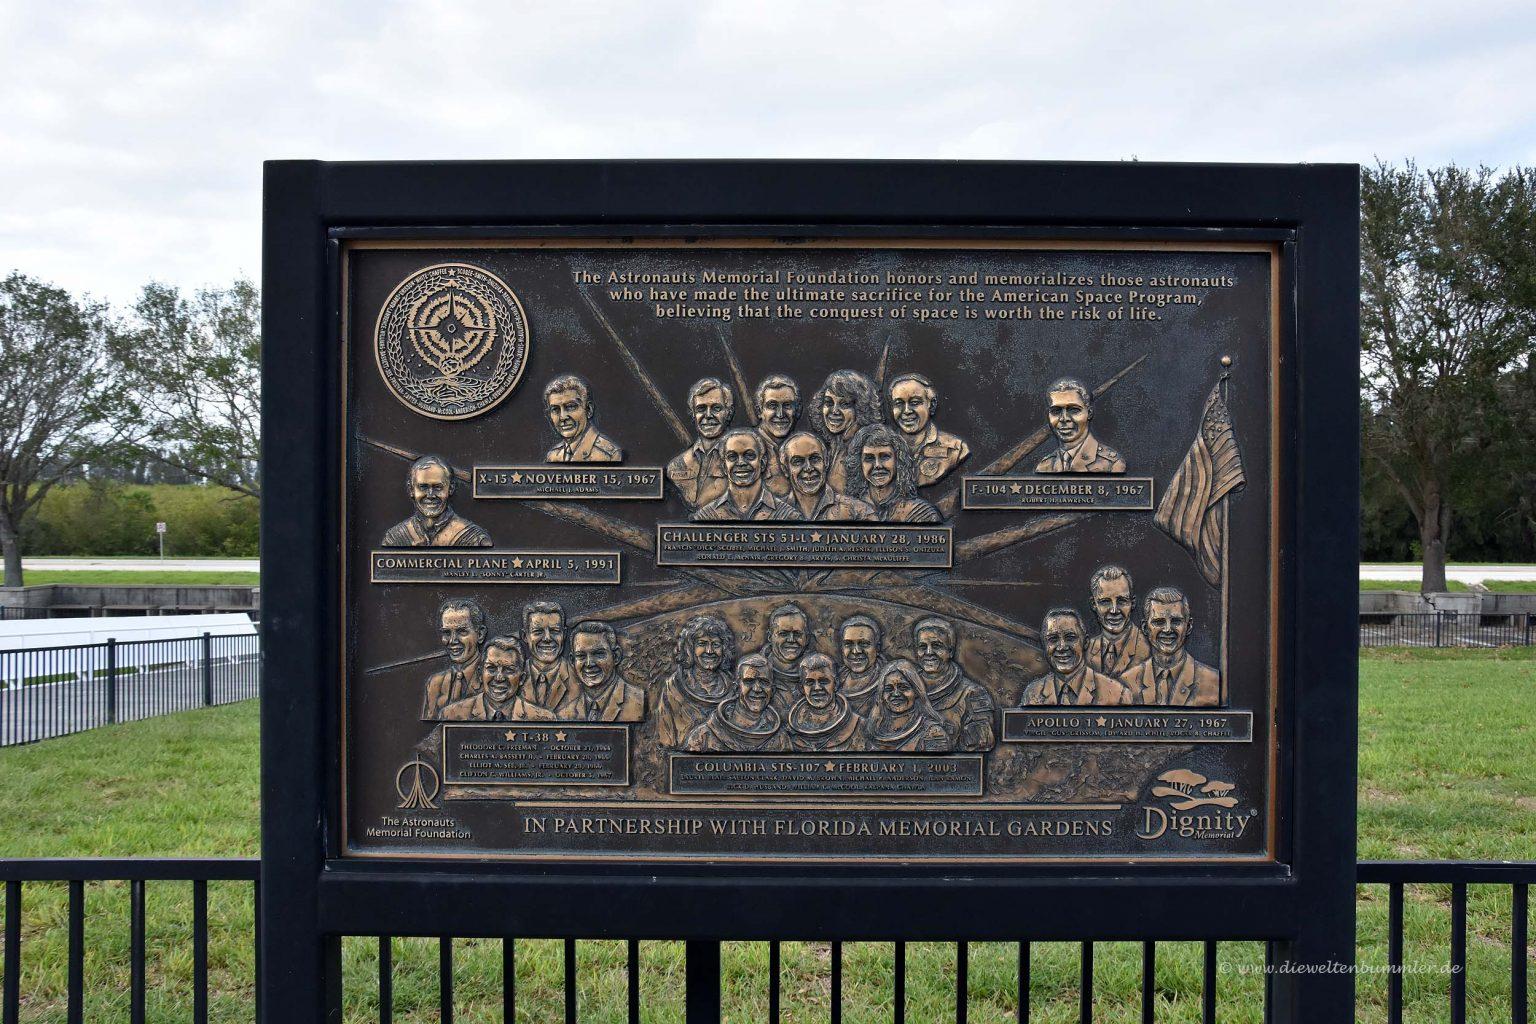 Gedenken an verstorbene Astronauten